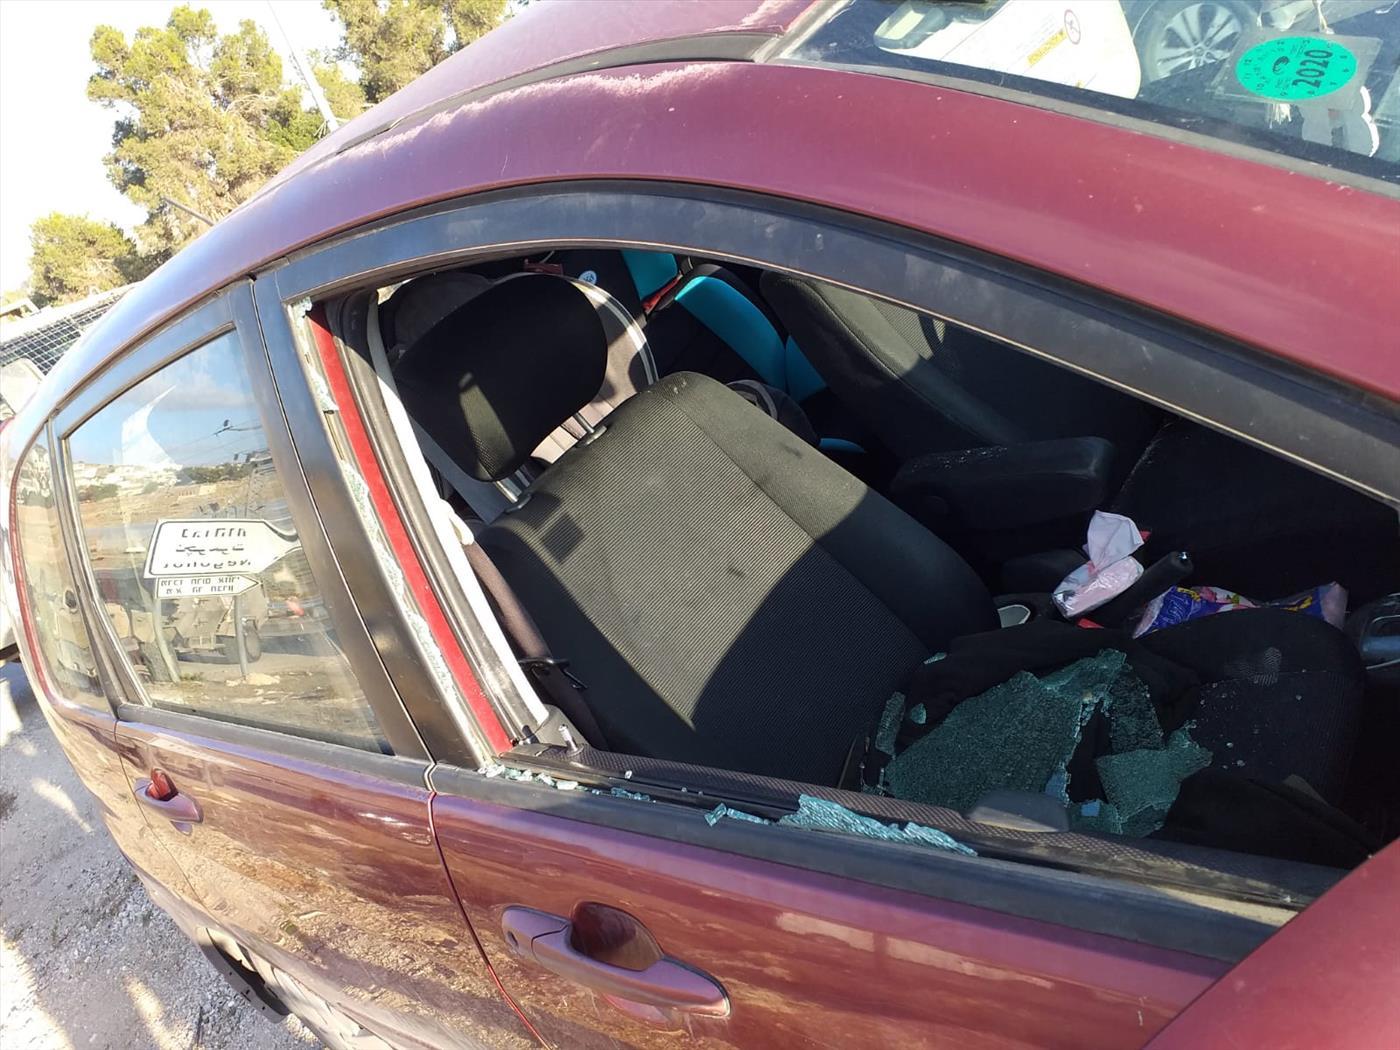 """רכב שנפגע השבוע מאבנים בהר חברון (הצלה ללא גבולות, יו""""ש)"""